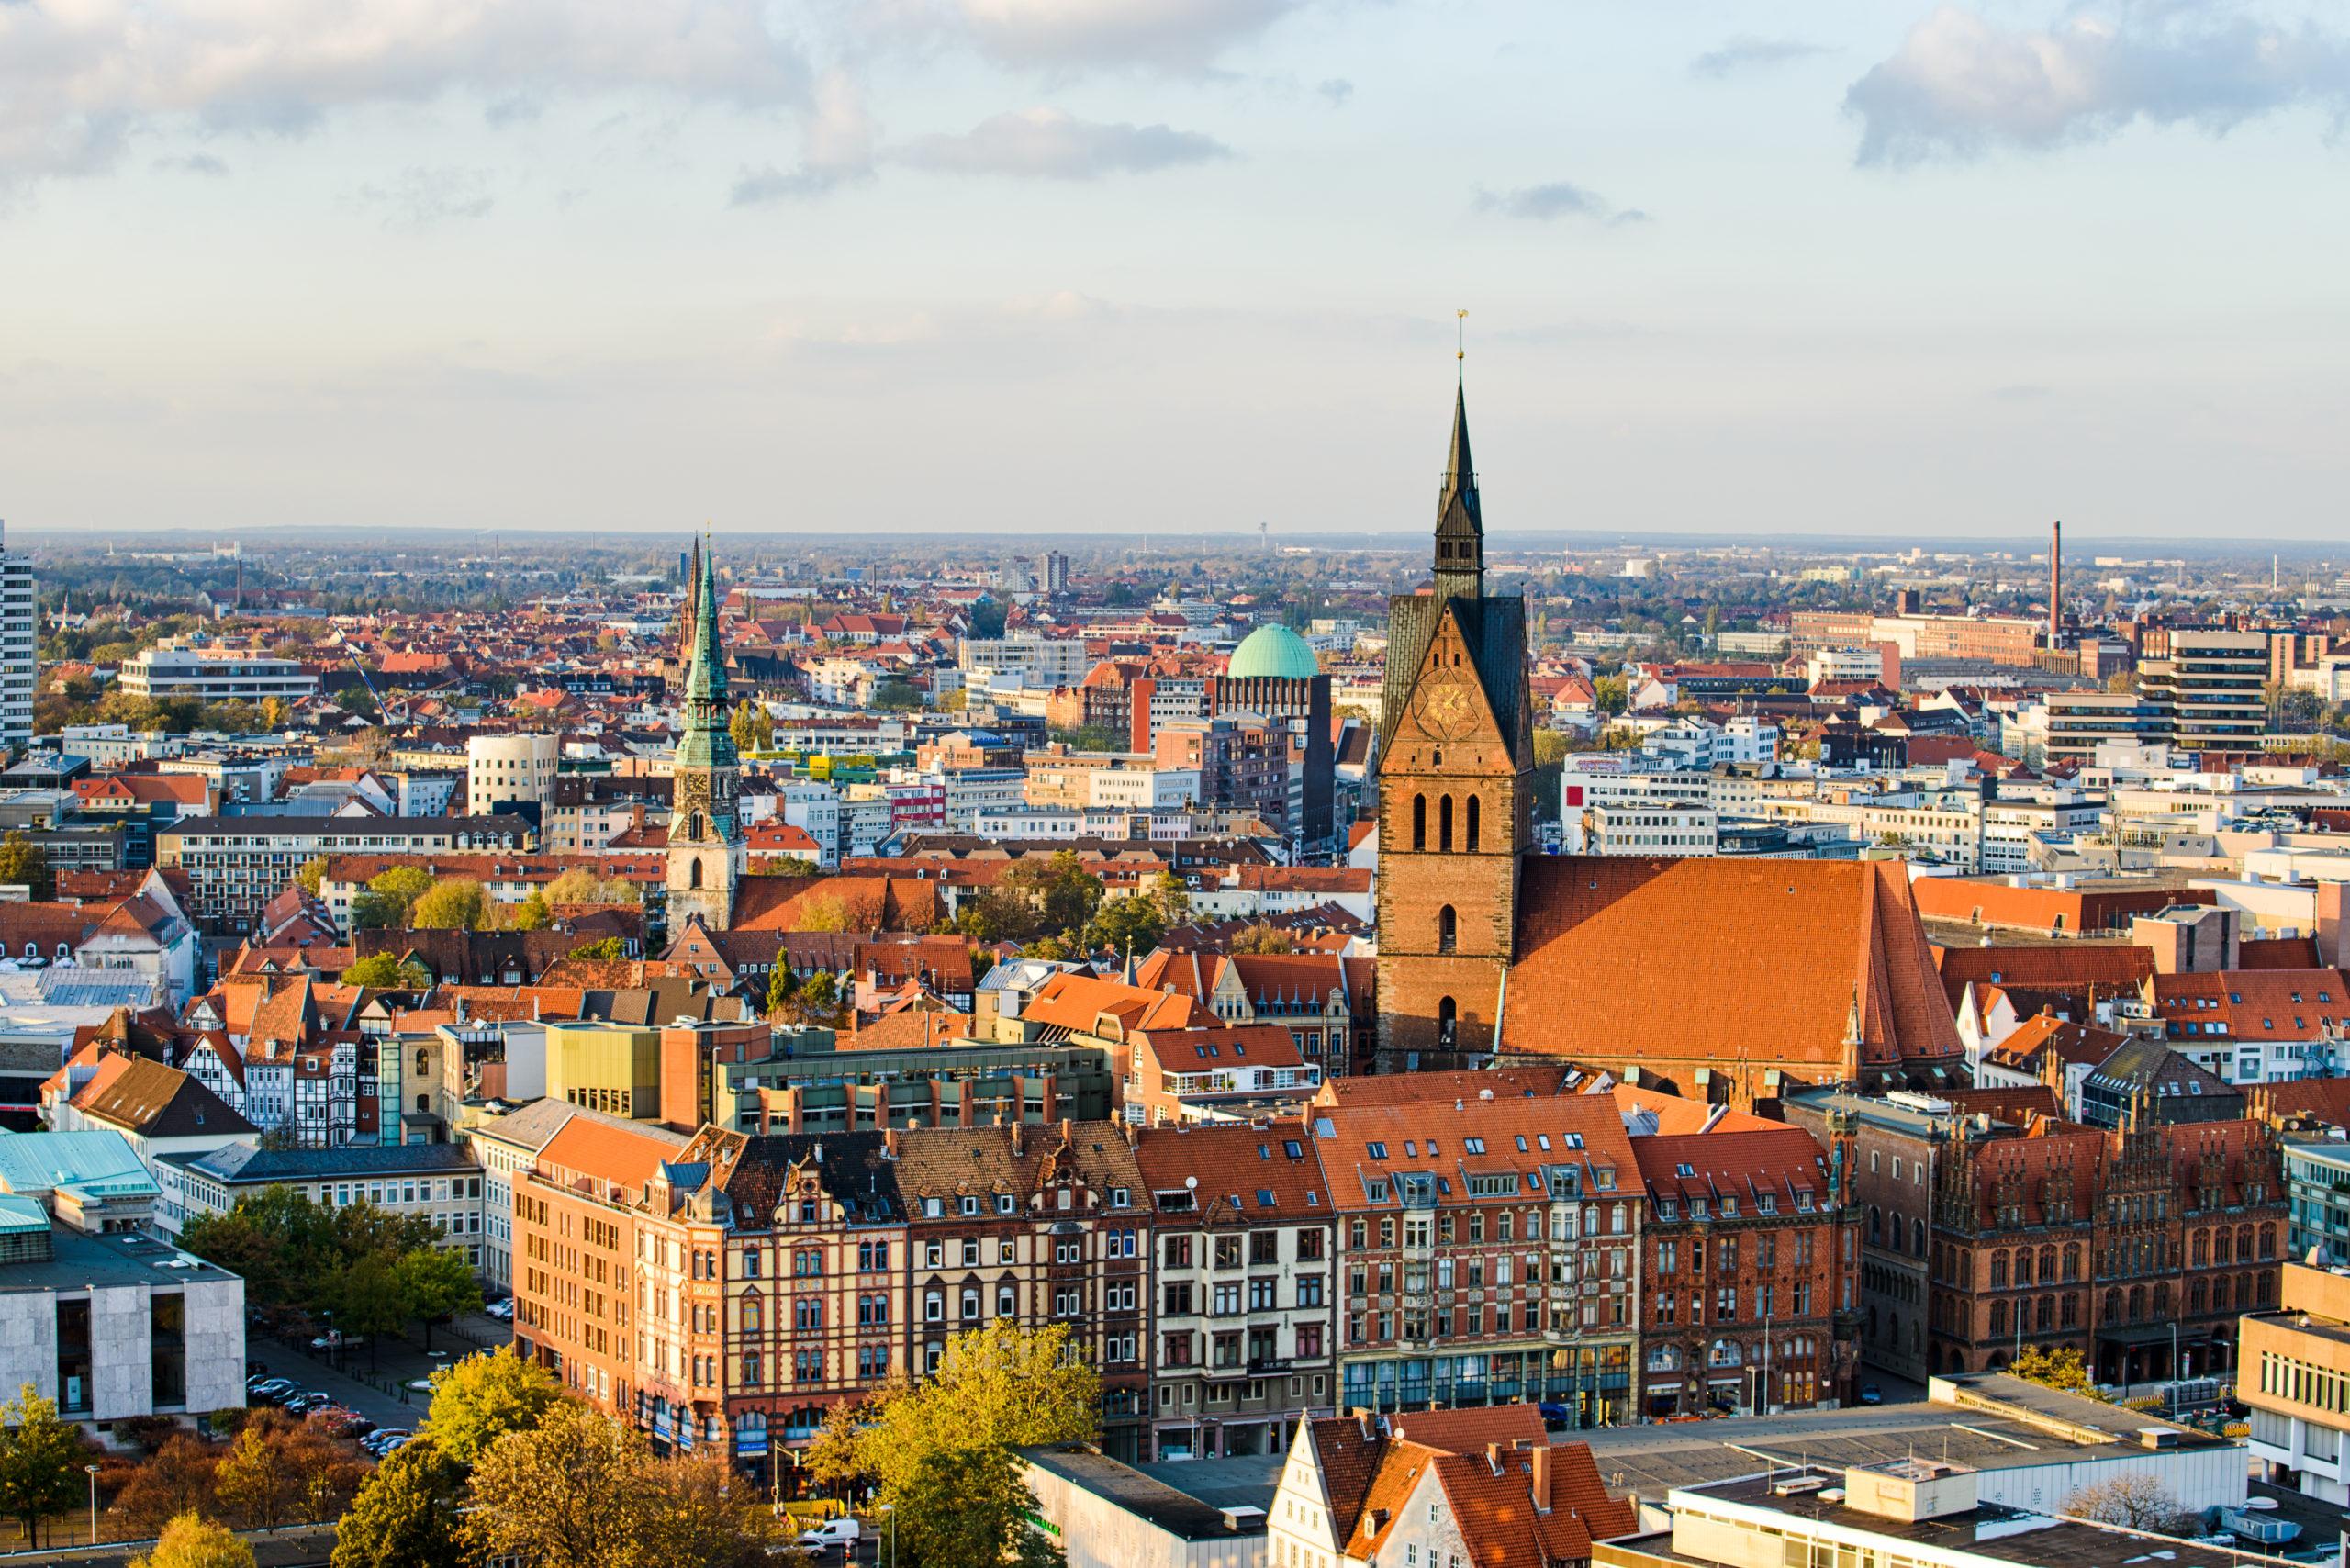 Haushaltsauflösung und Entrümpelung in der Altstadt-Mitte